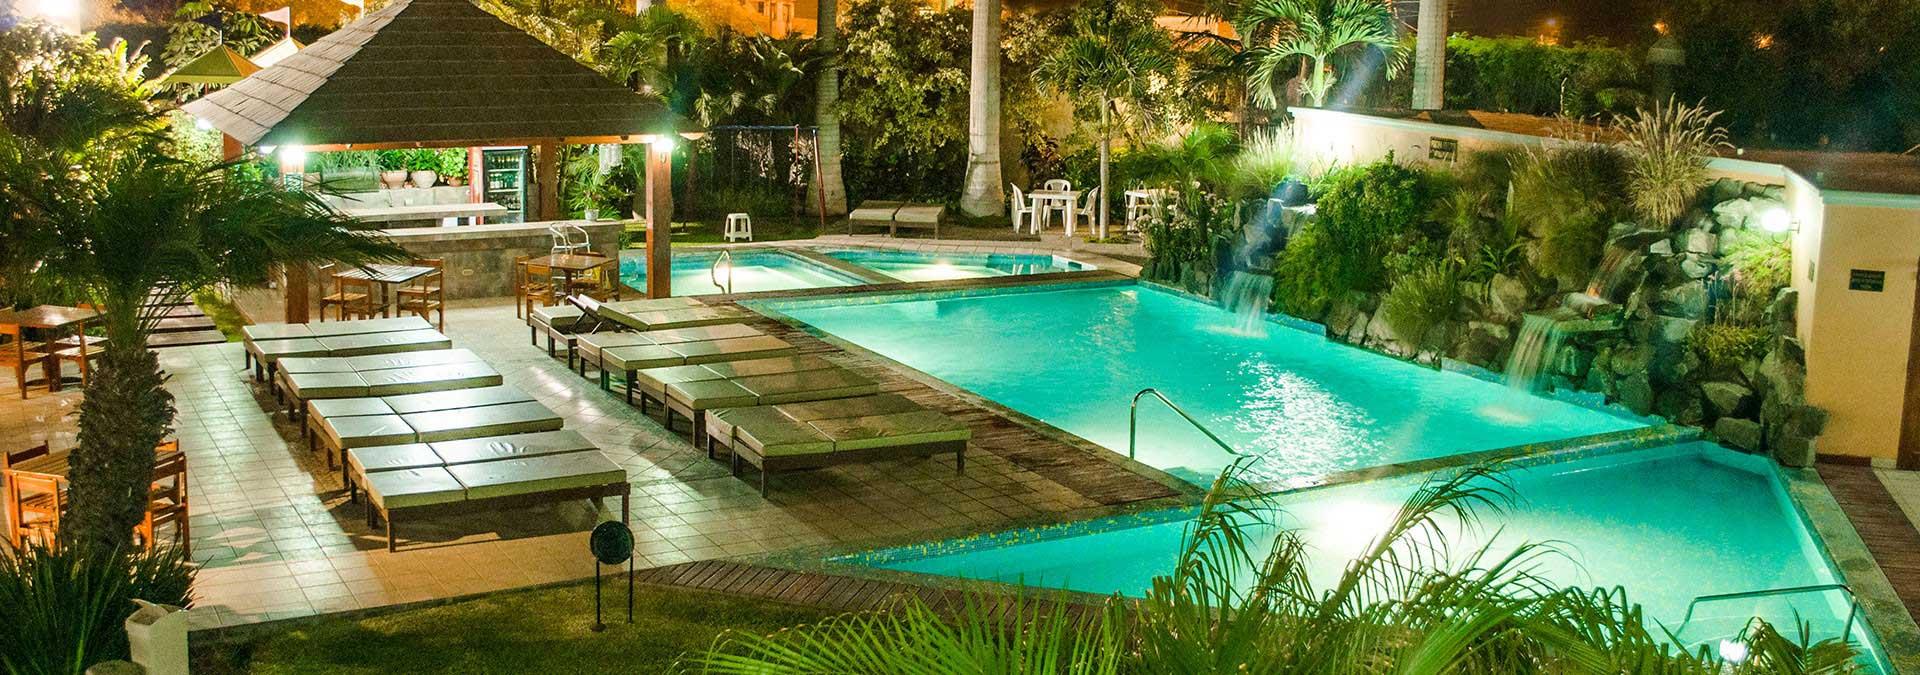 La casona de los c ndores hotel centro de convenciones - Hoteles cerca casa campo madrid ...